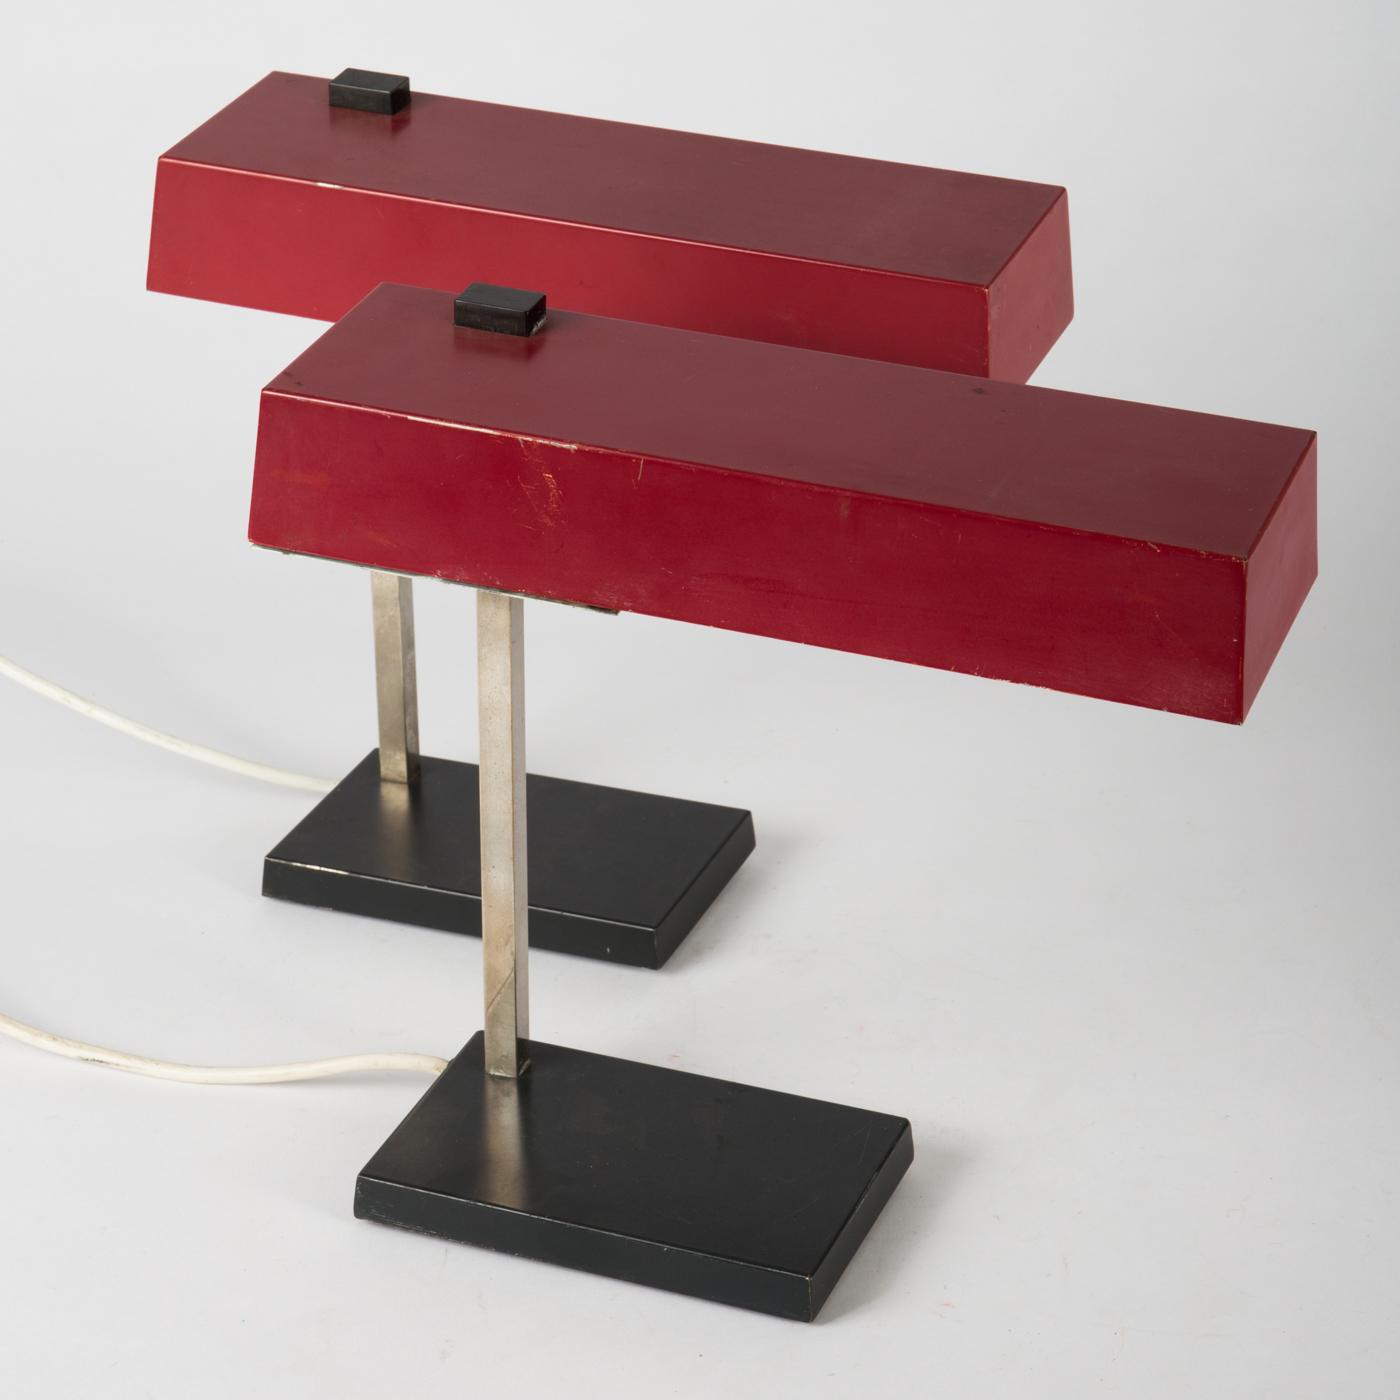 Hillebrand, Zwei Lampen / Schreibtischlampe / Tischlampe, Metall (2)